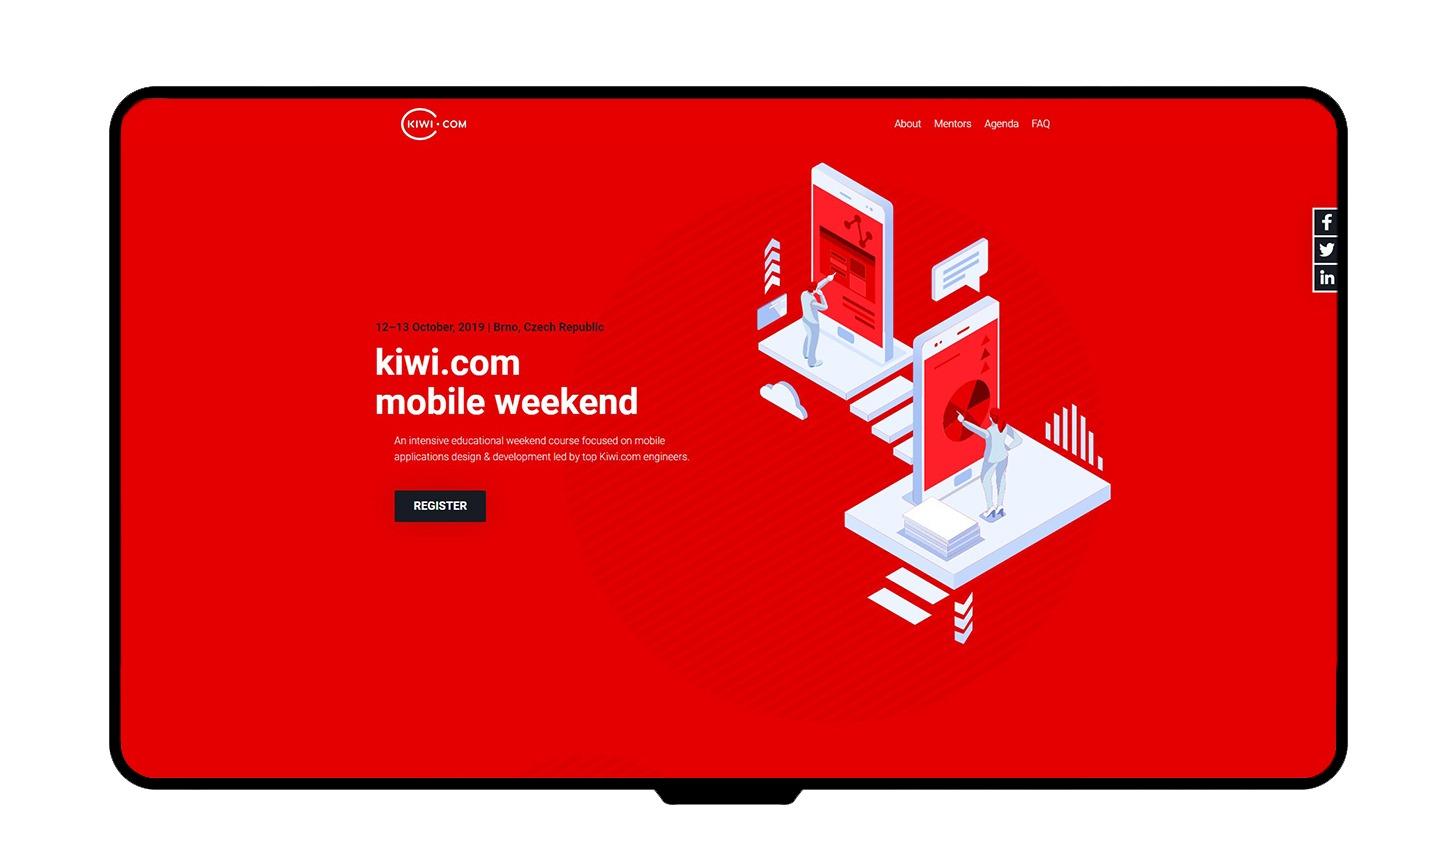 Kiwi.com - Mobile weekend mockup